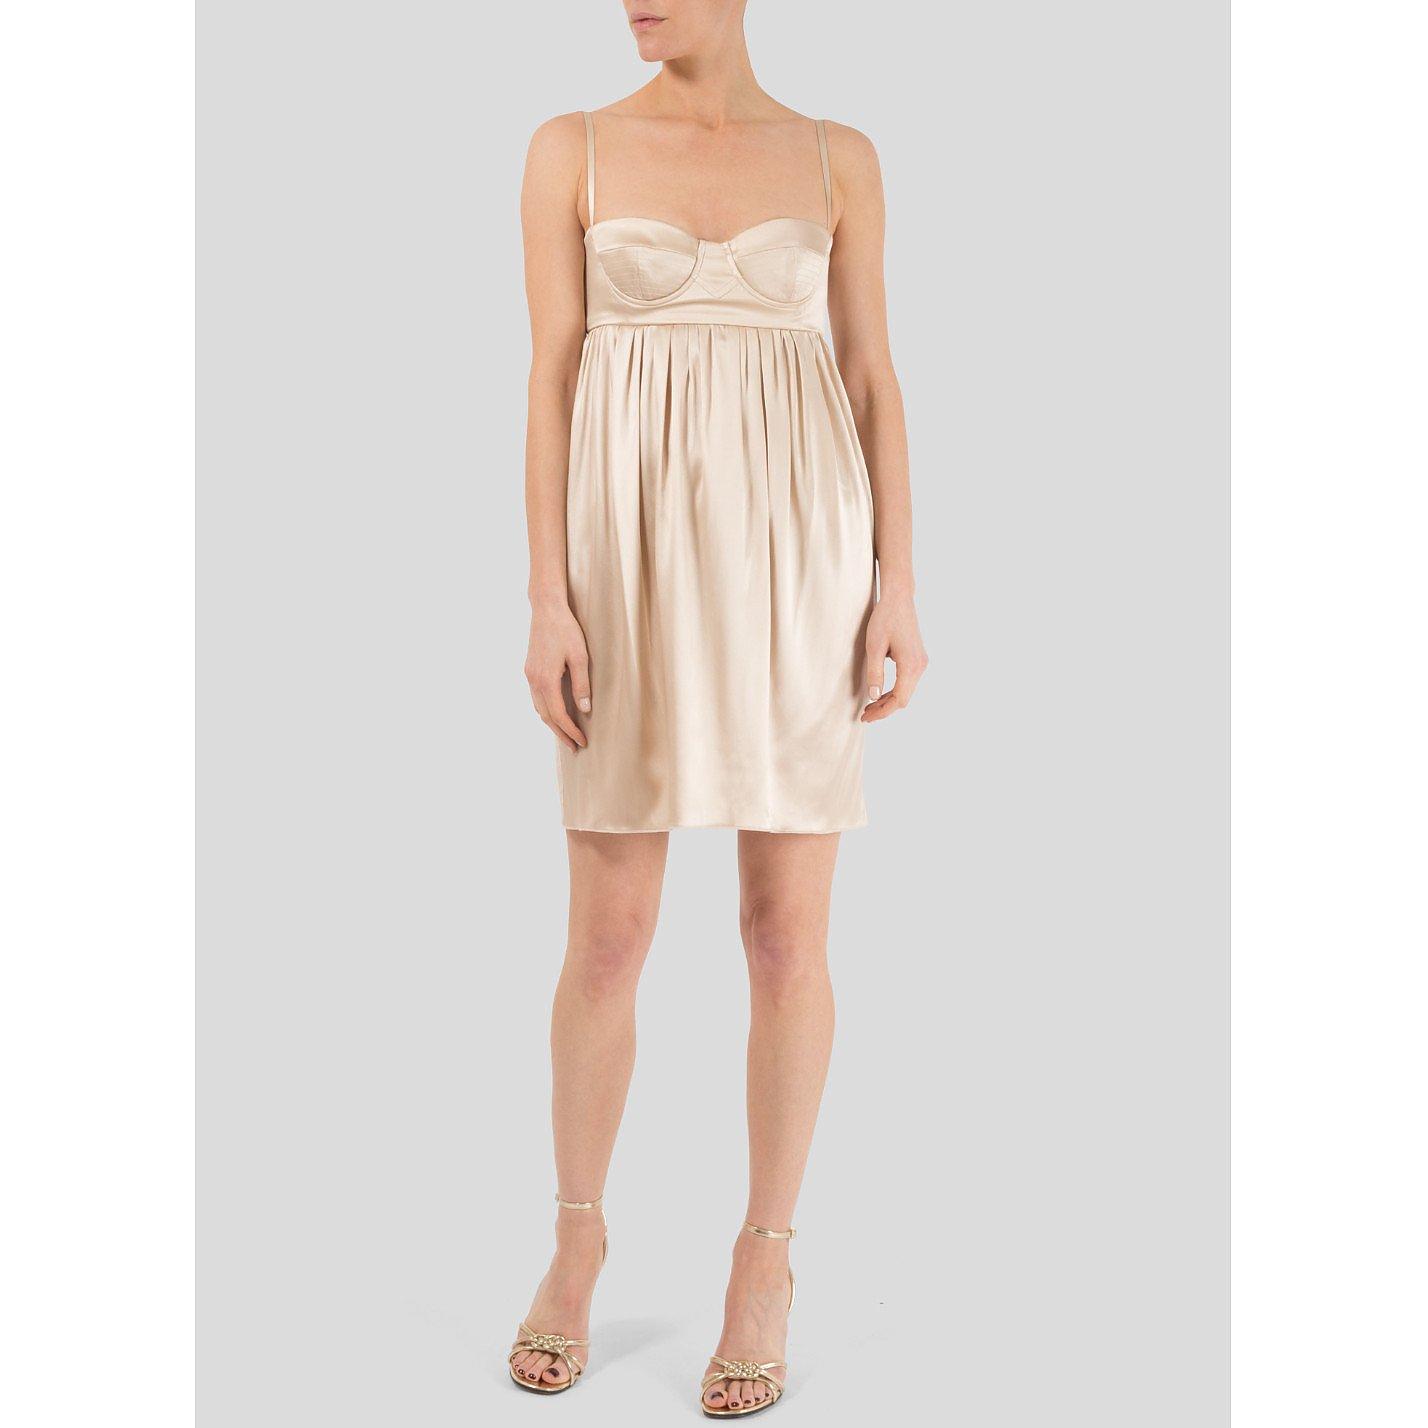 DOLCE & GABBANA Satin Bustier Mini Dress